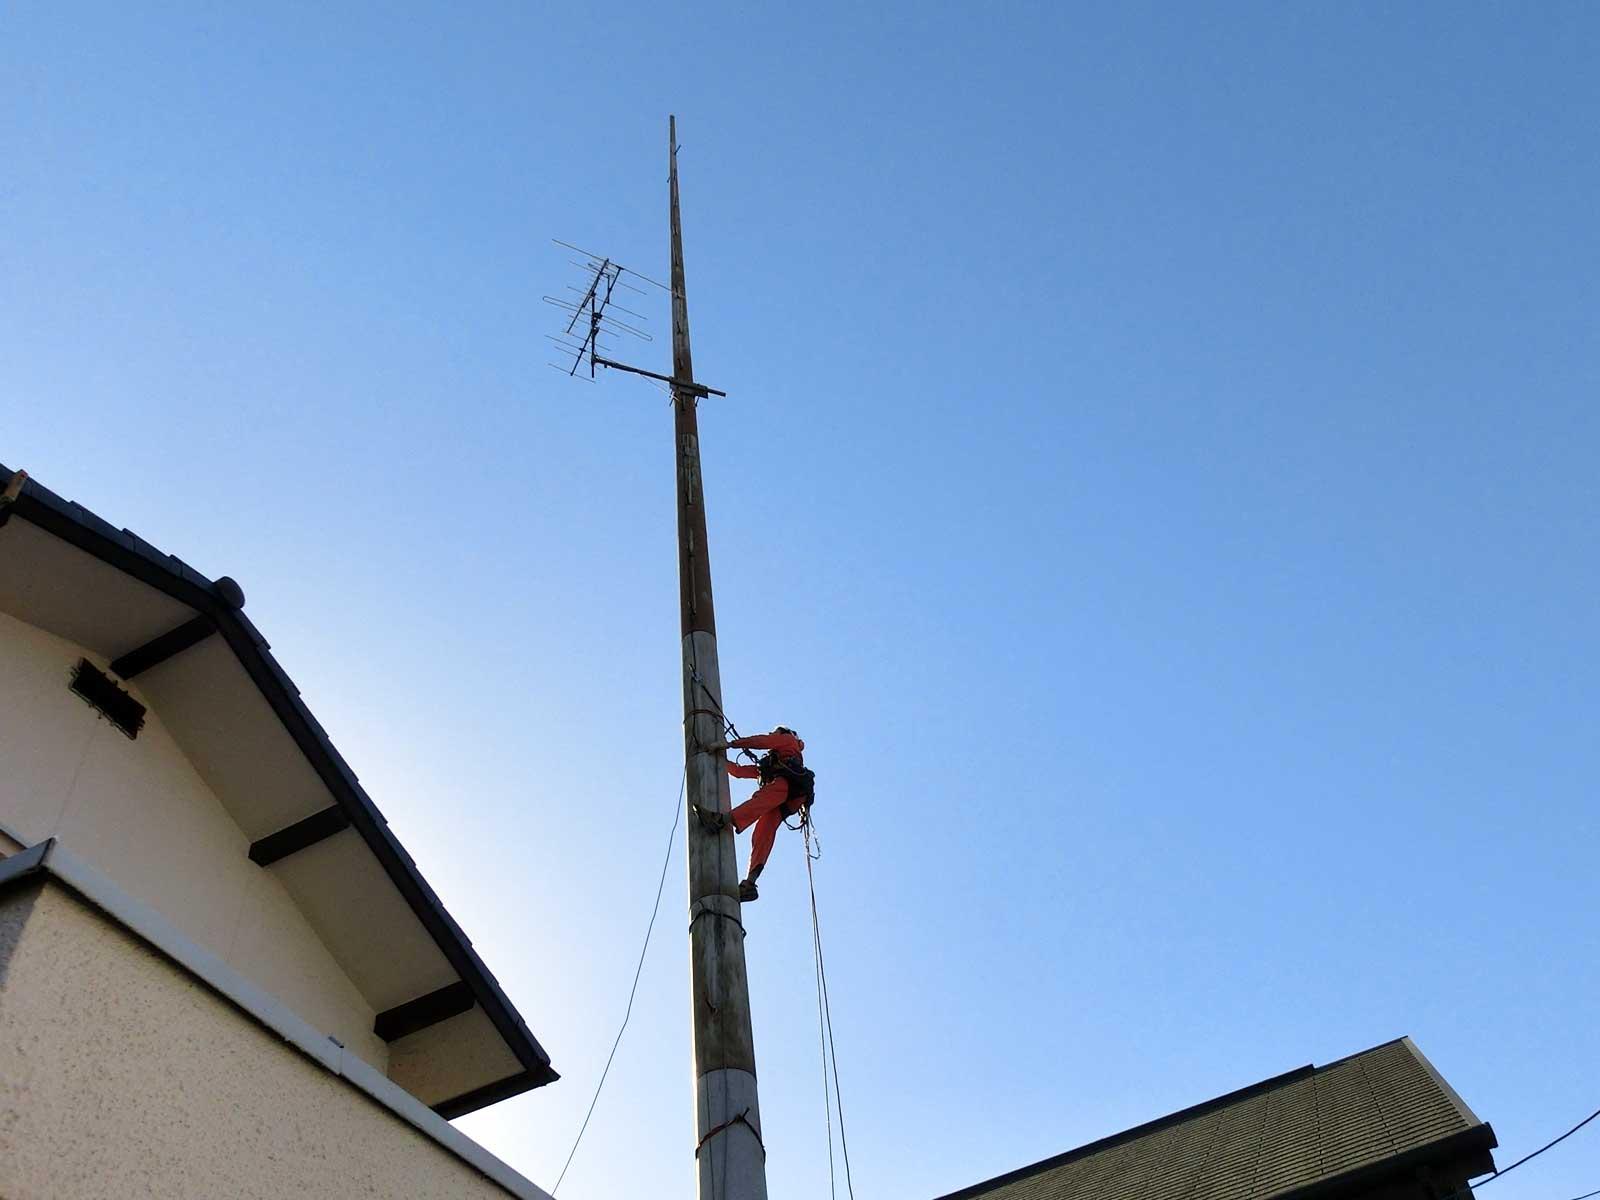 岡山県岡山市のパンザマスト撤去工事